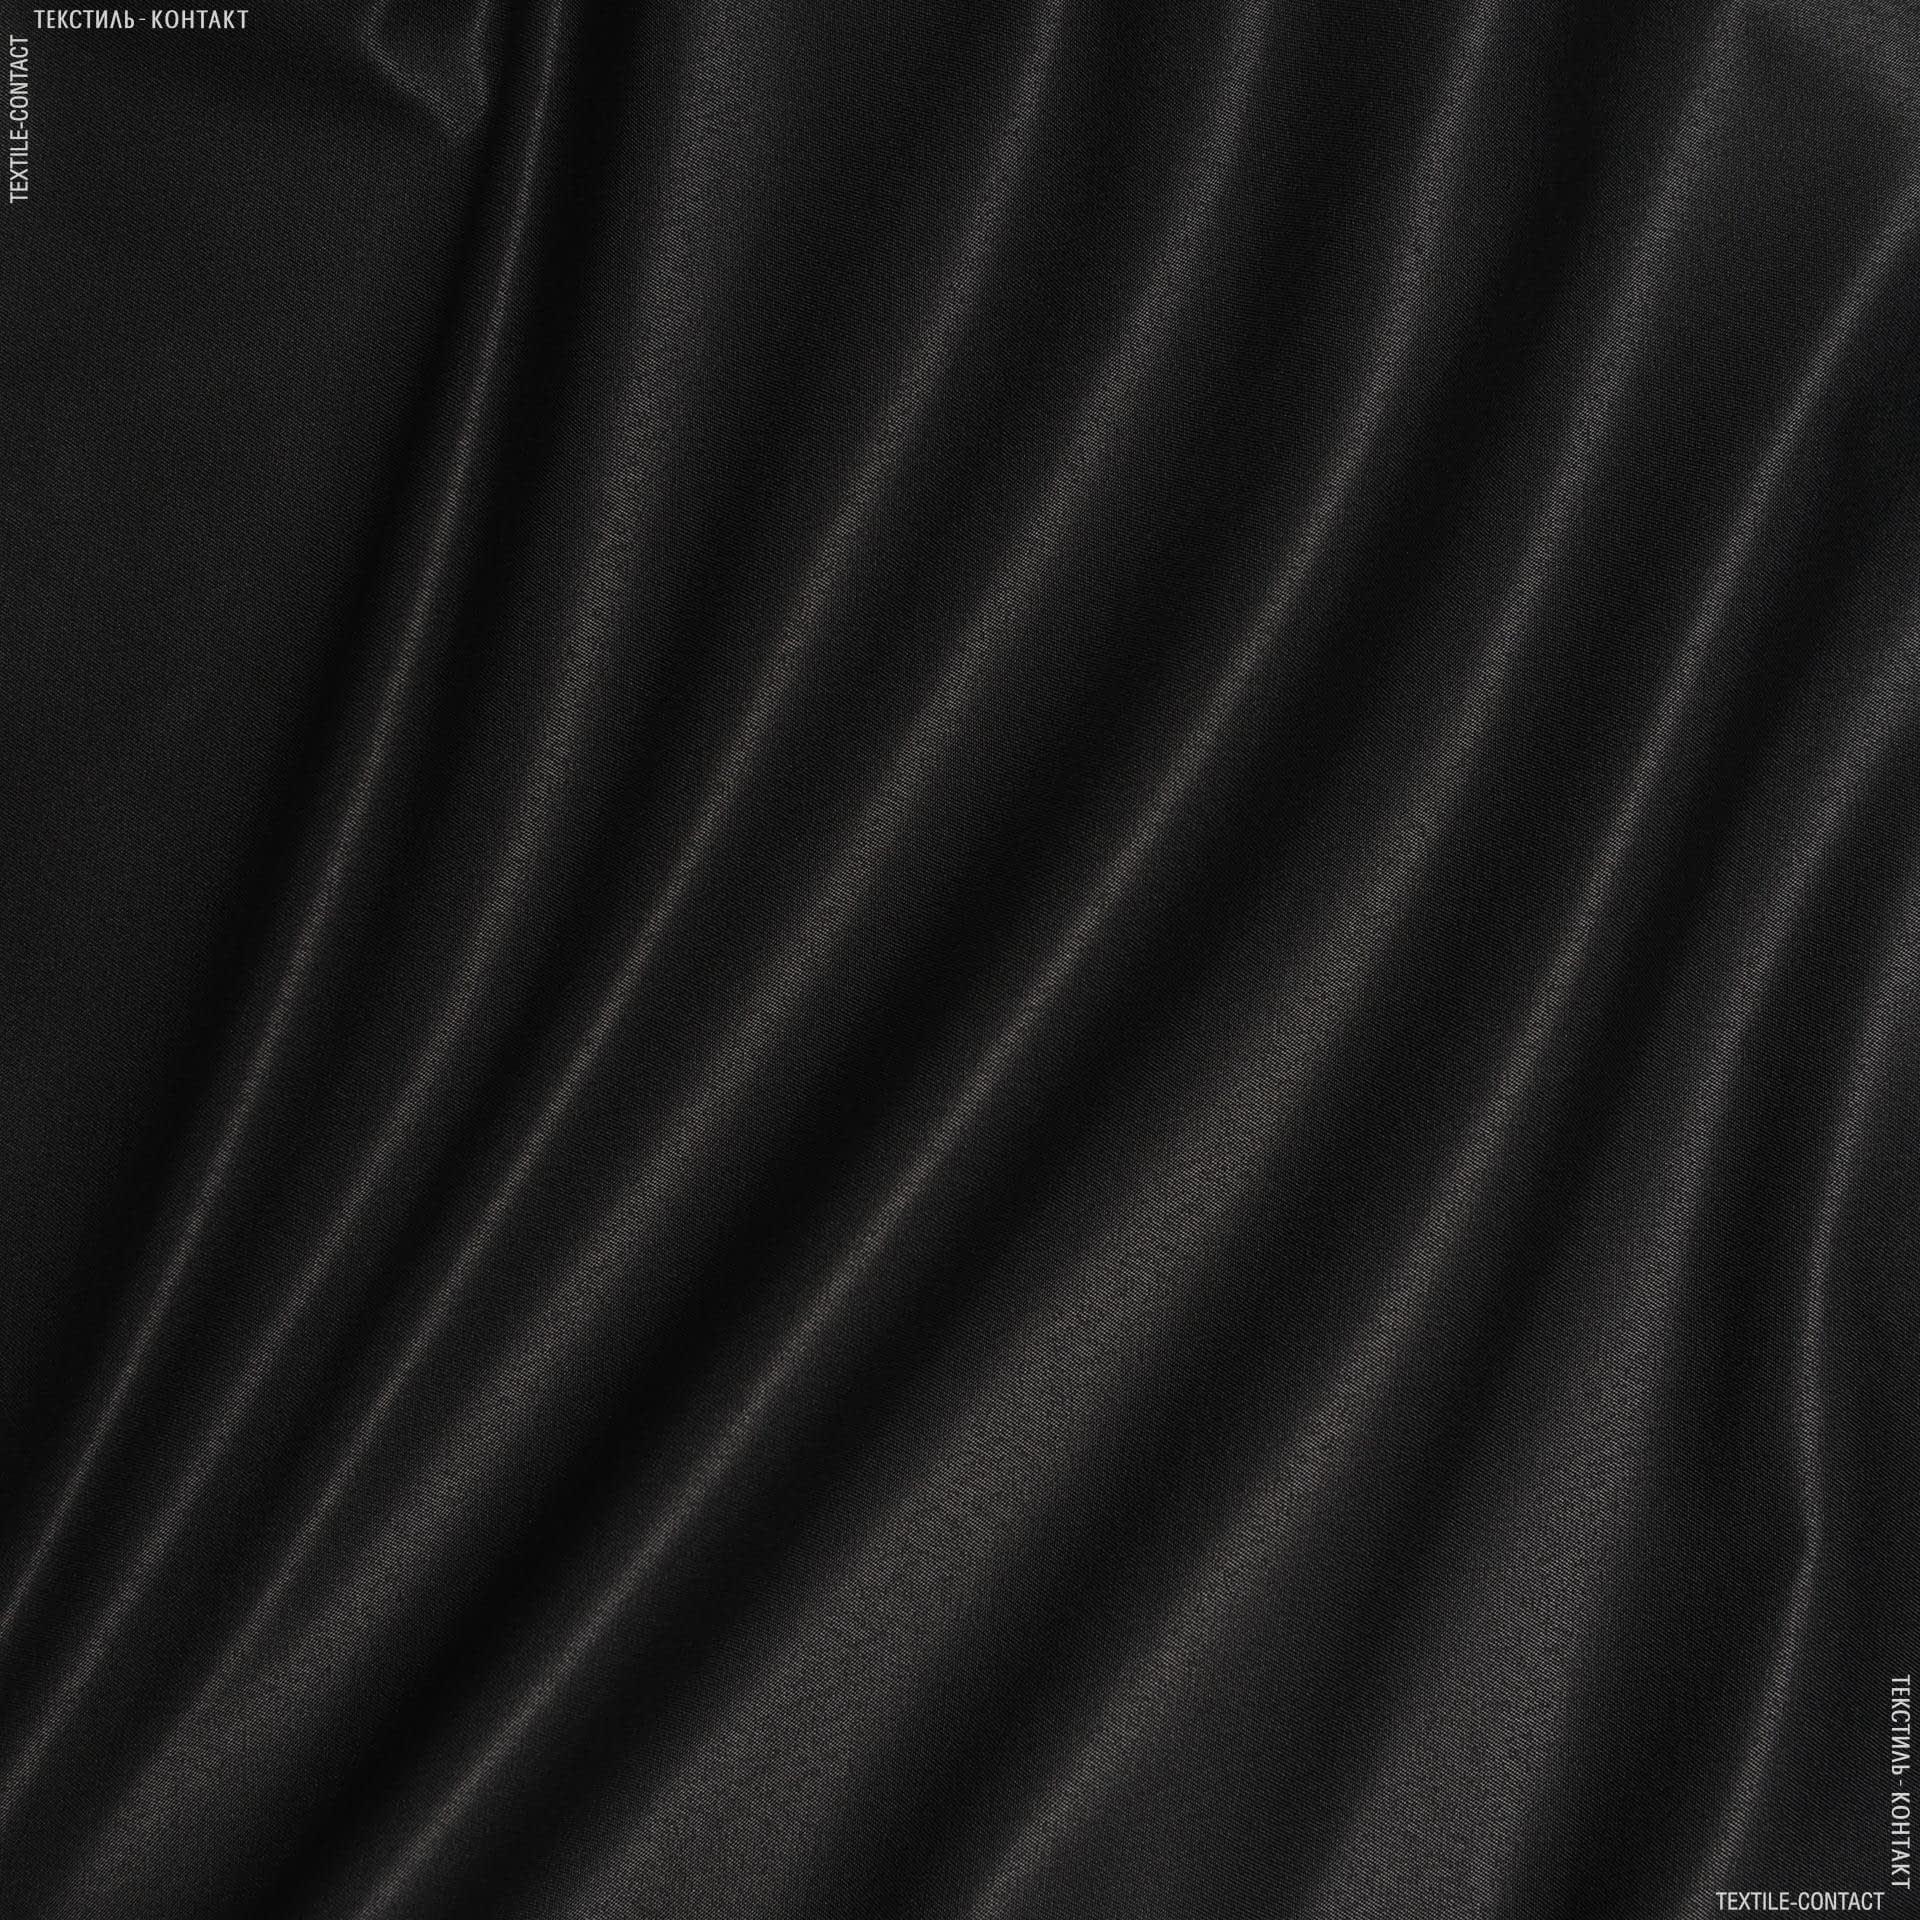 Ткани для спецодежды - Грета-2701 ВСТ  черный